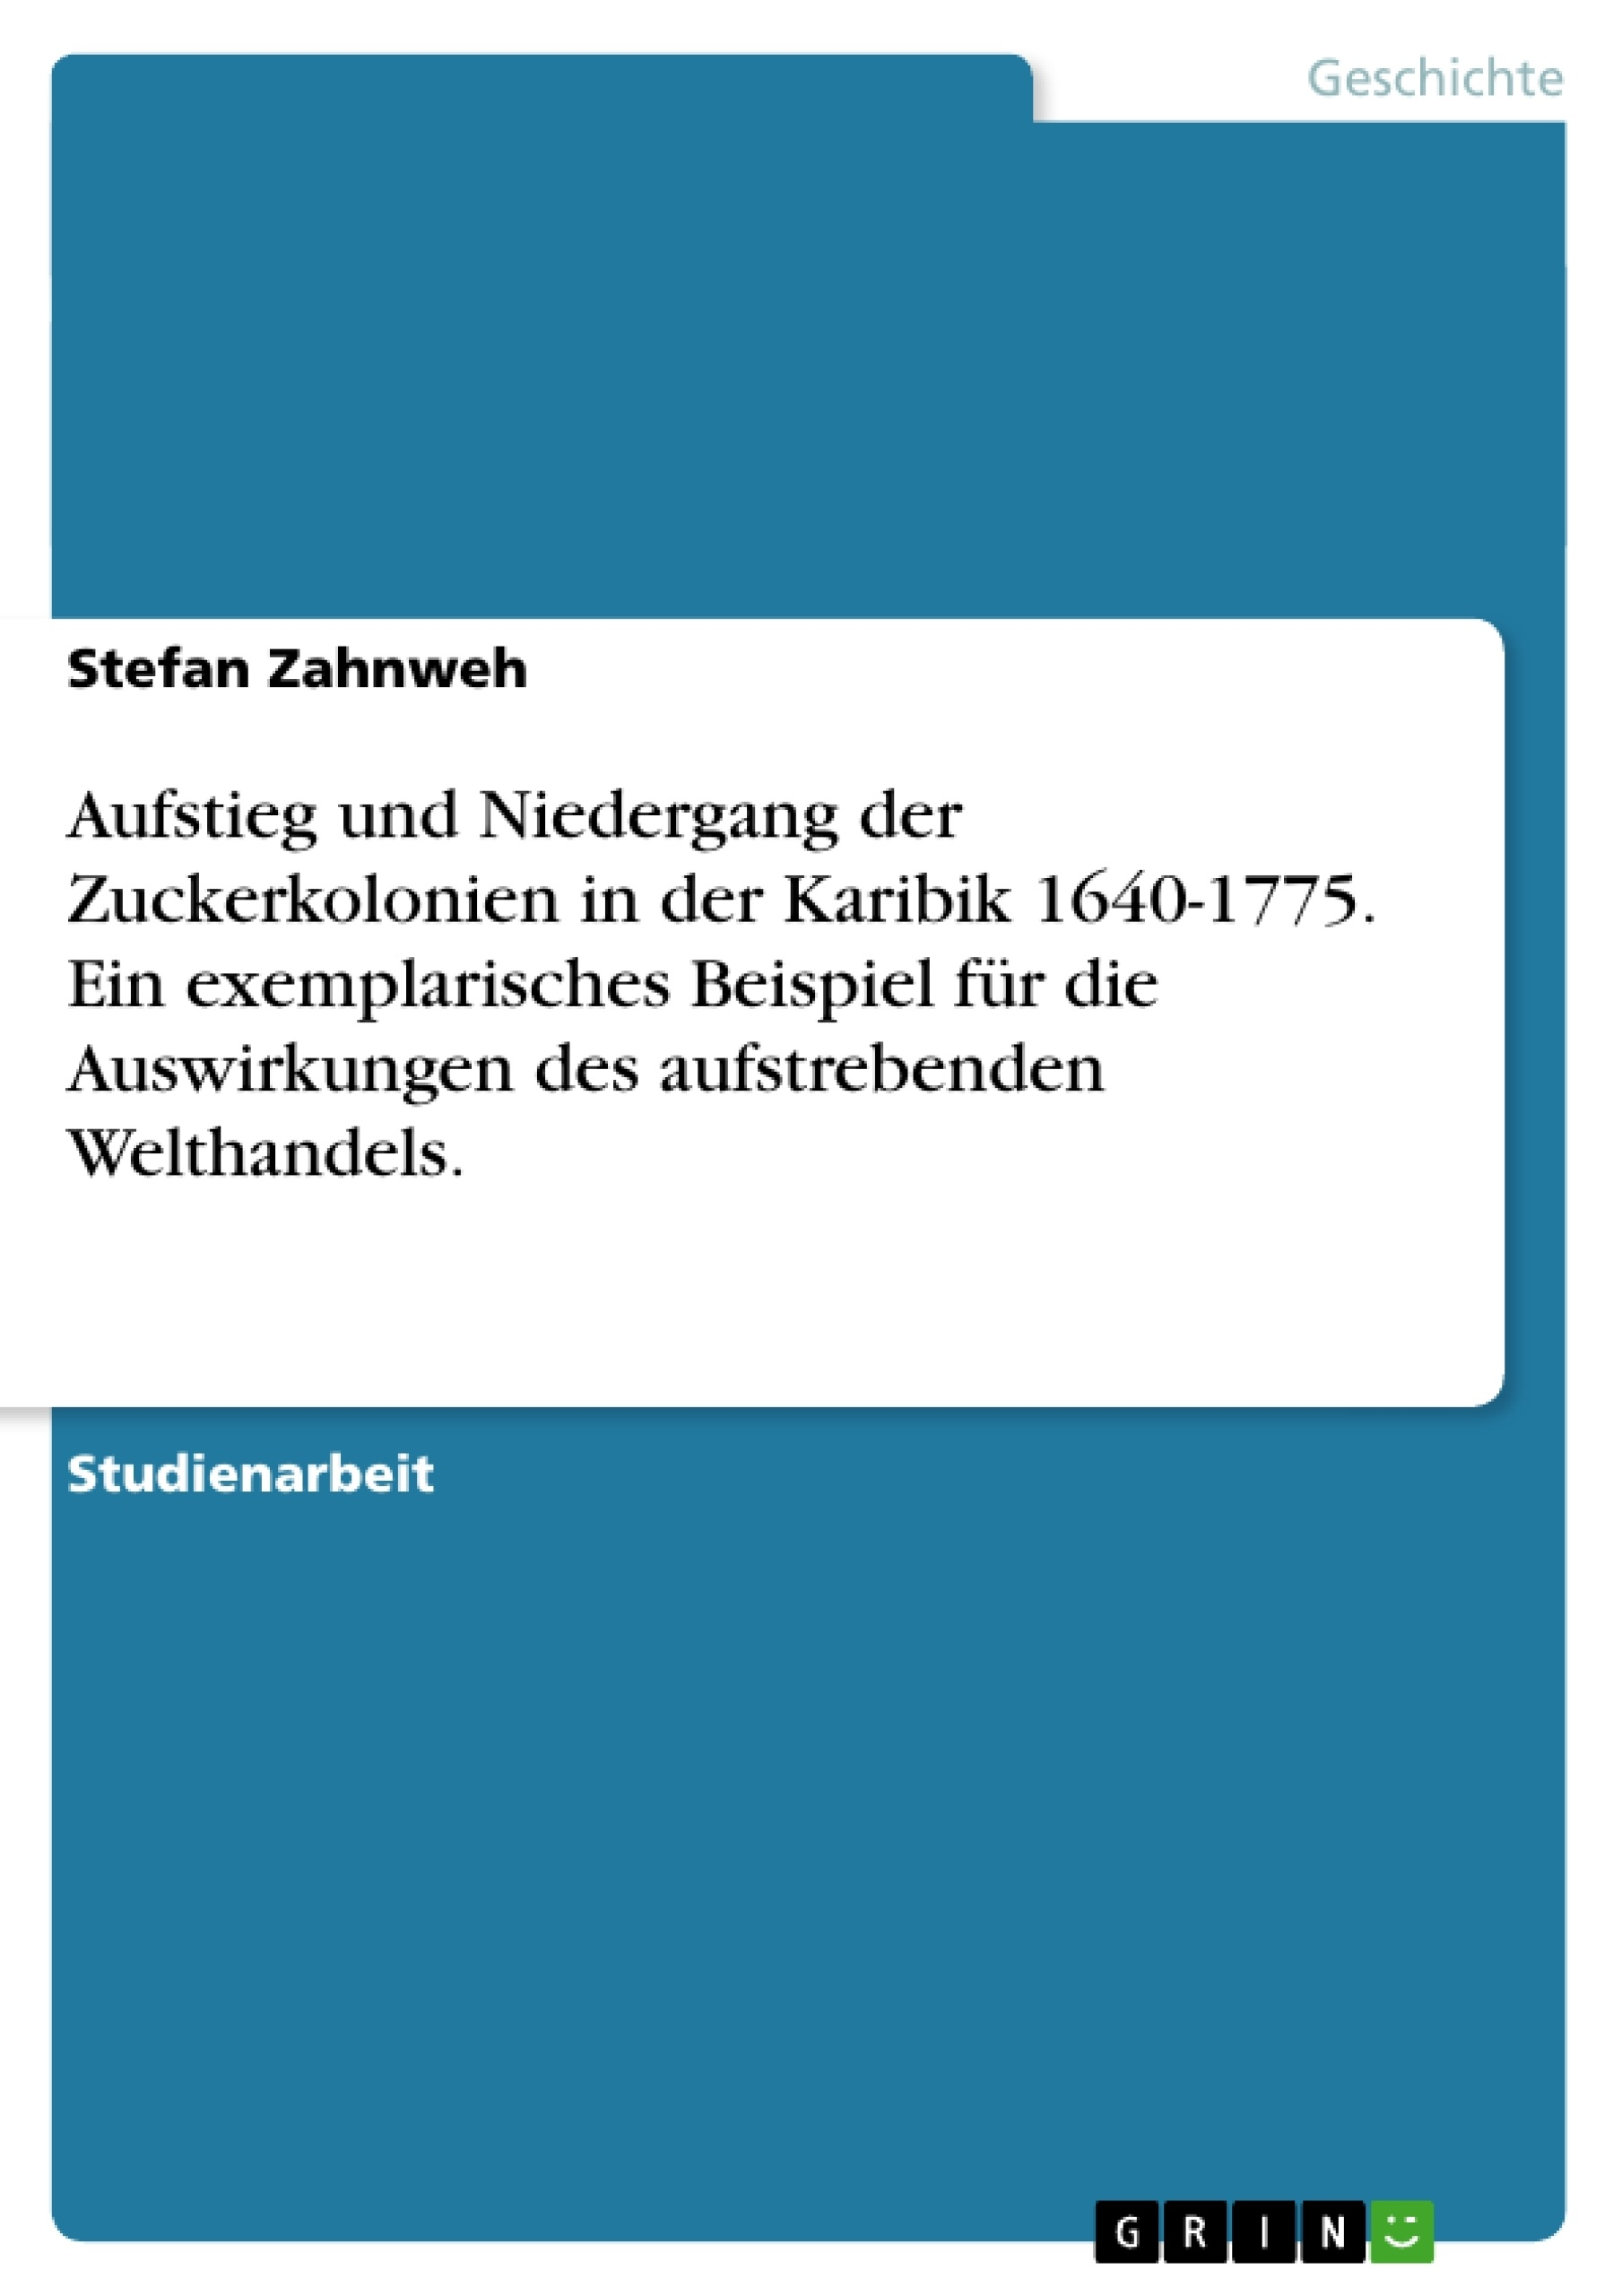 Titel: Aufstieg und Niedergang der Zuckerkolonien in der Karibik 1640-1775. Ein exemplarisches Beispiel für die Auswirkungen des aufstrebenden Welthandels.